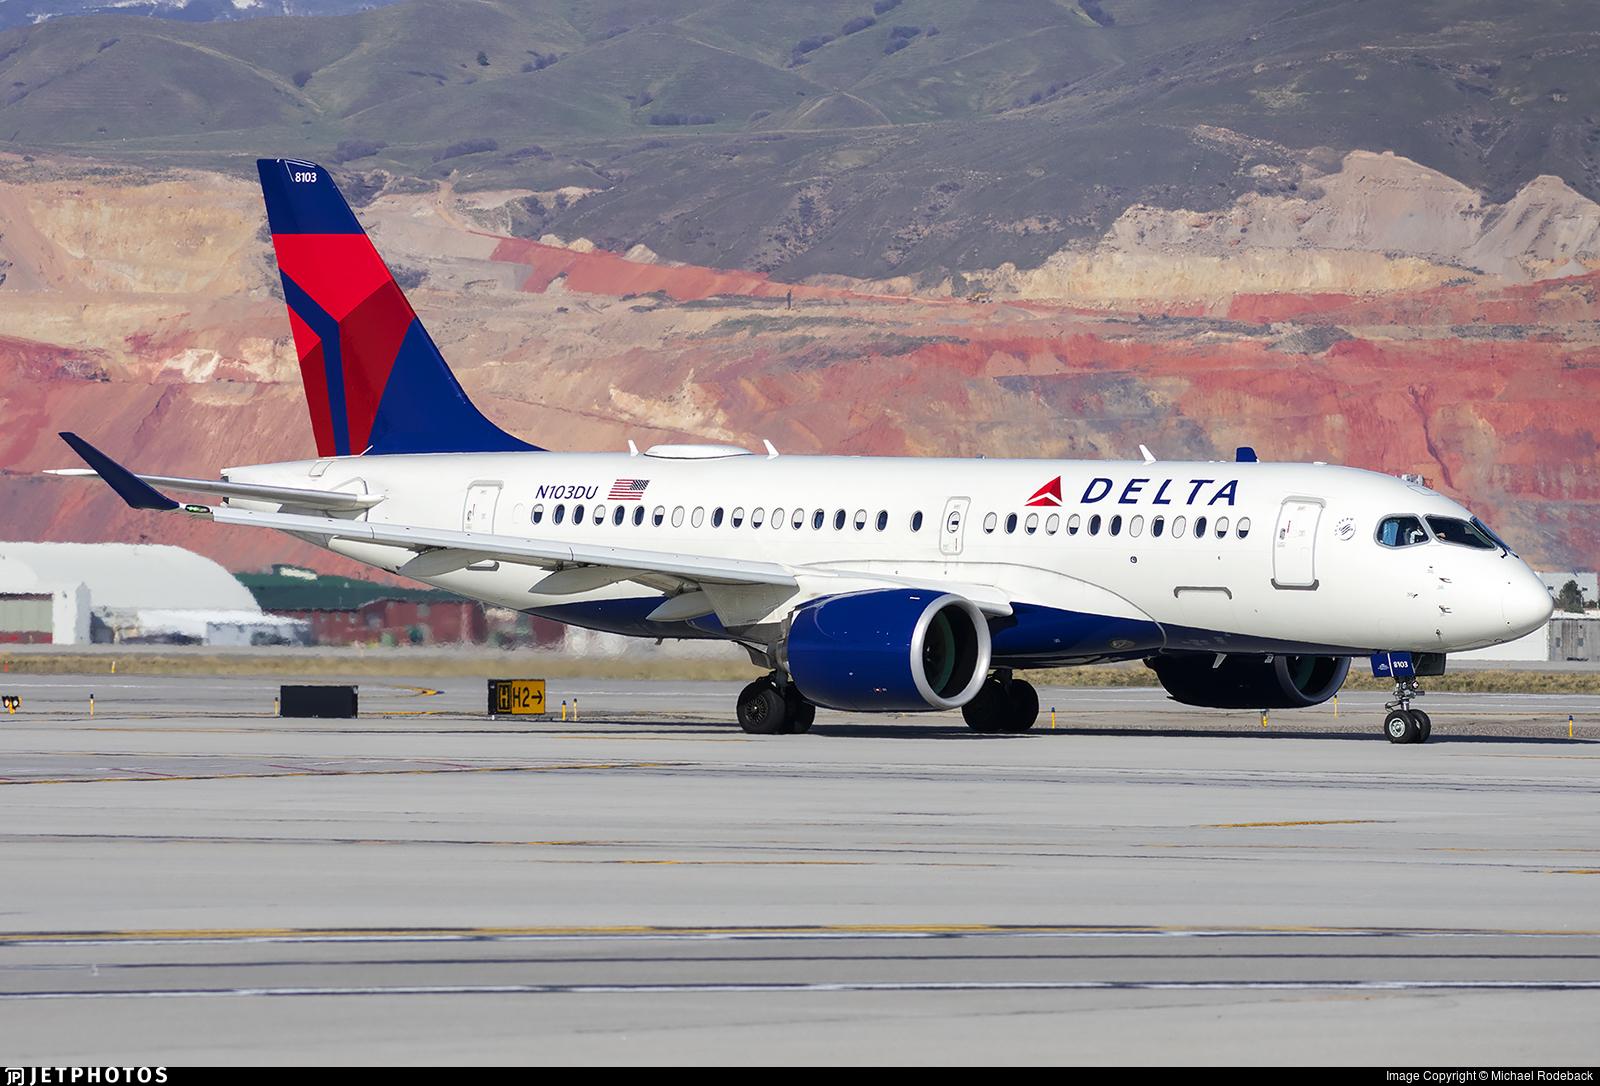 N103DU - Airbus A220-171 - Delta Air Lines